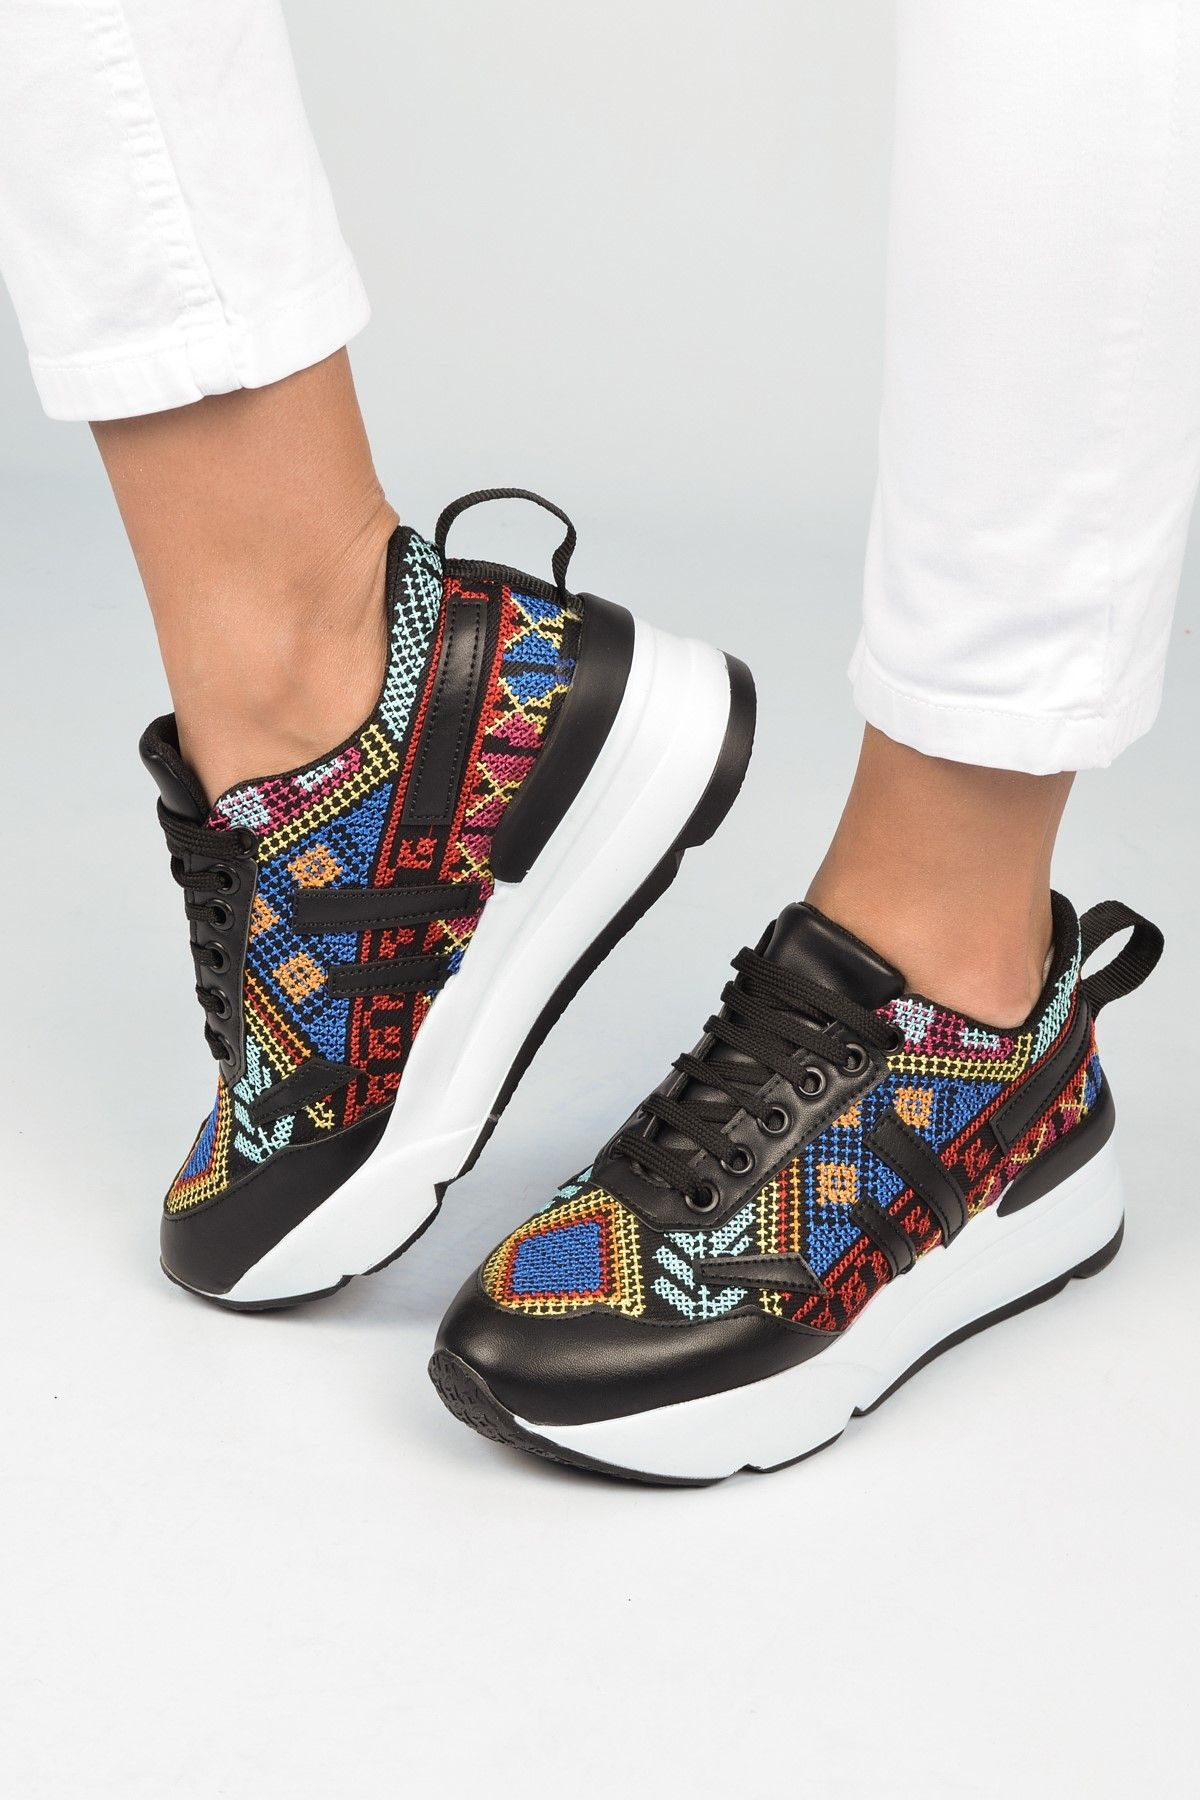 Pembe Potin Suni Deri Bayan Ayakkabi Shoes Fashion Sneakers